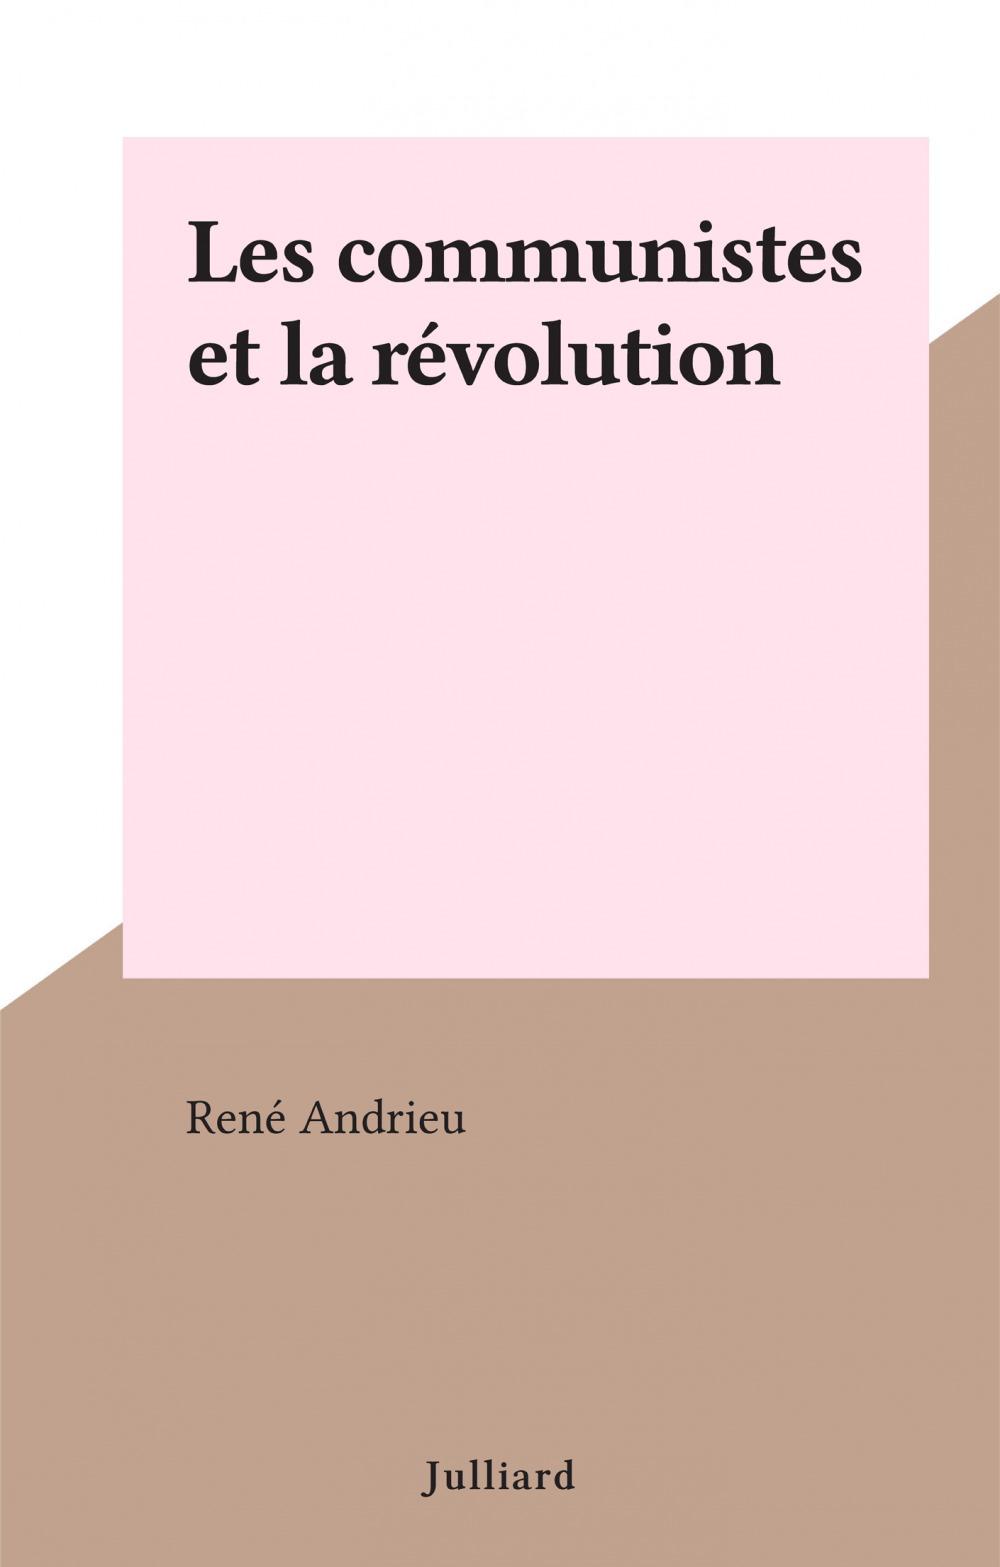 Les communistes et la révolution